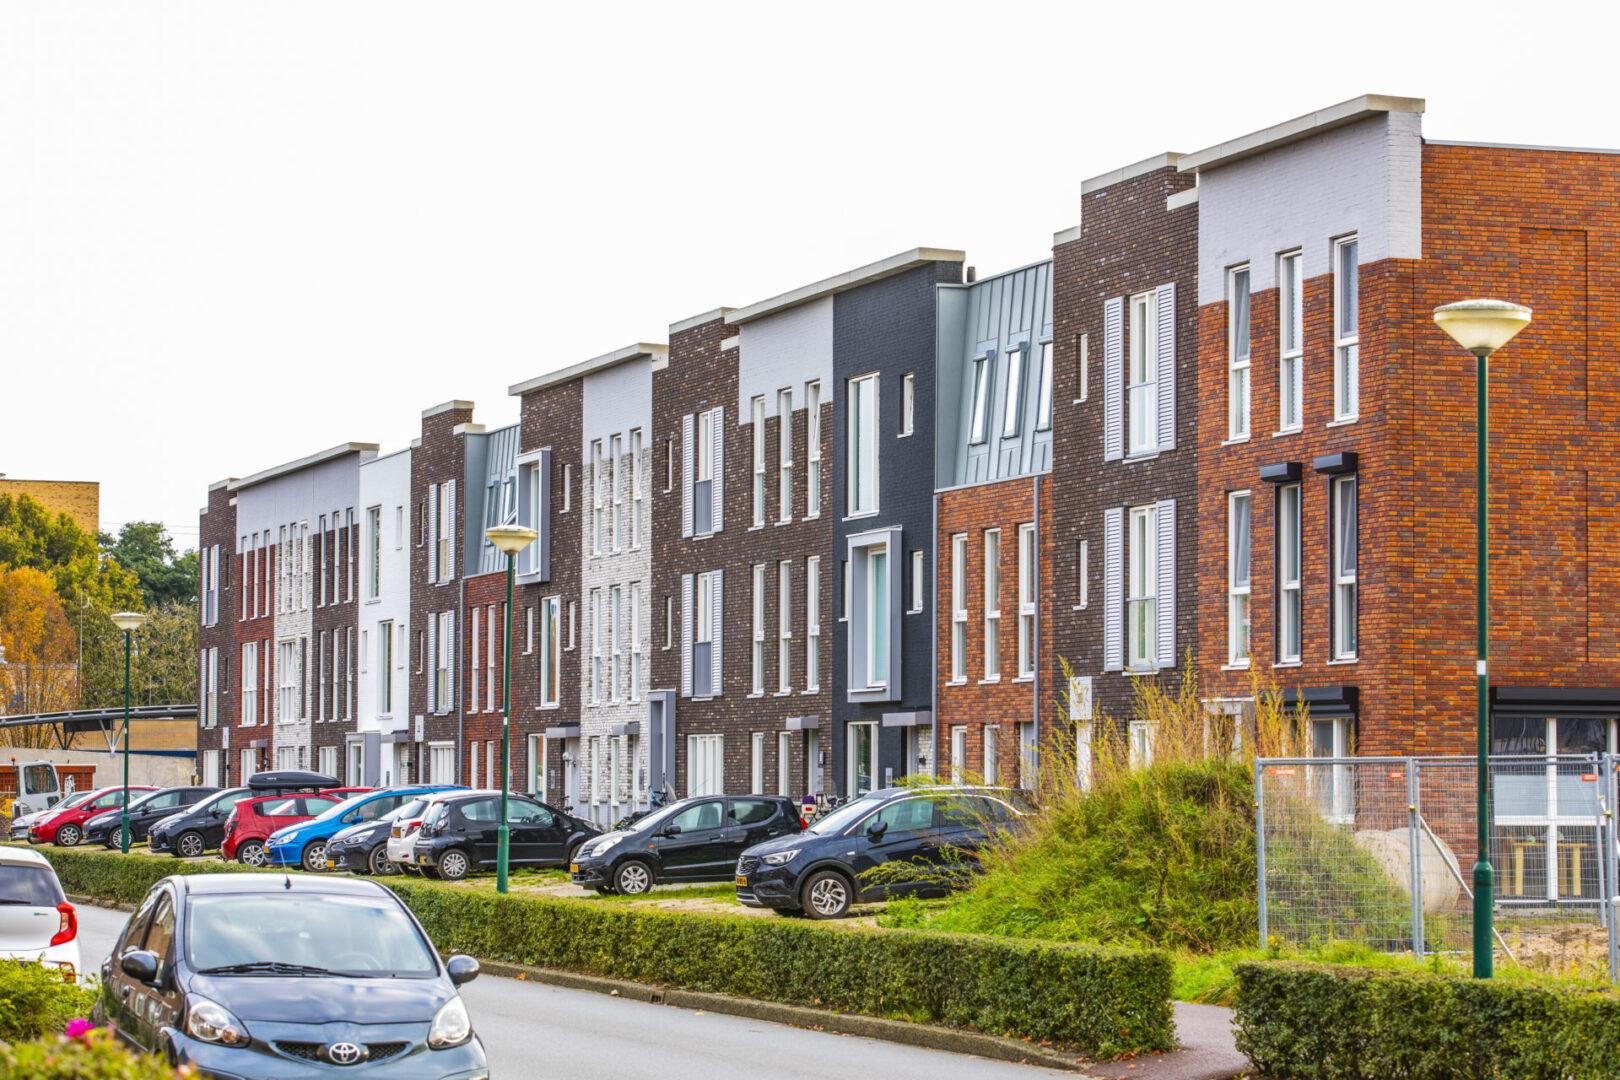 Koopwoningen in Veenendaal - Carte Blanche hoofdfoto